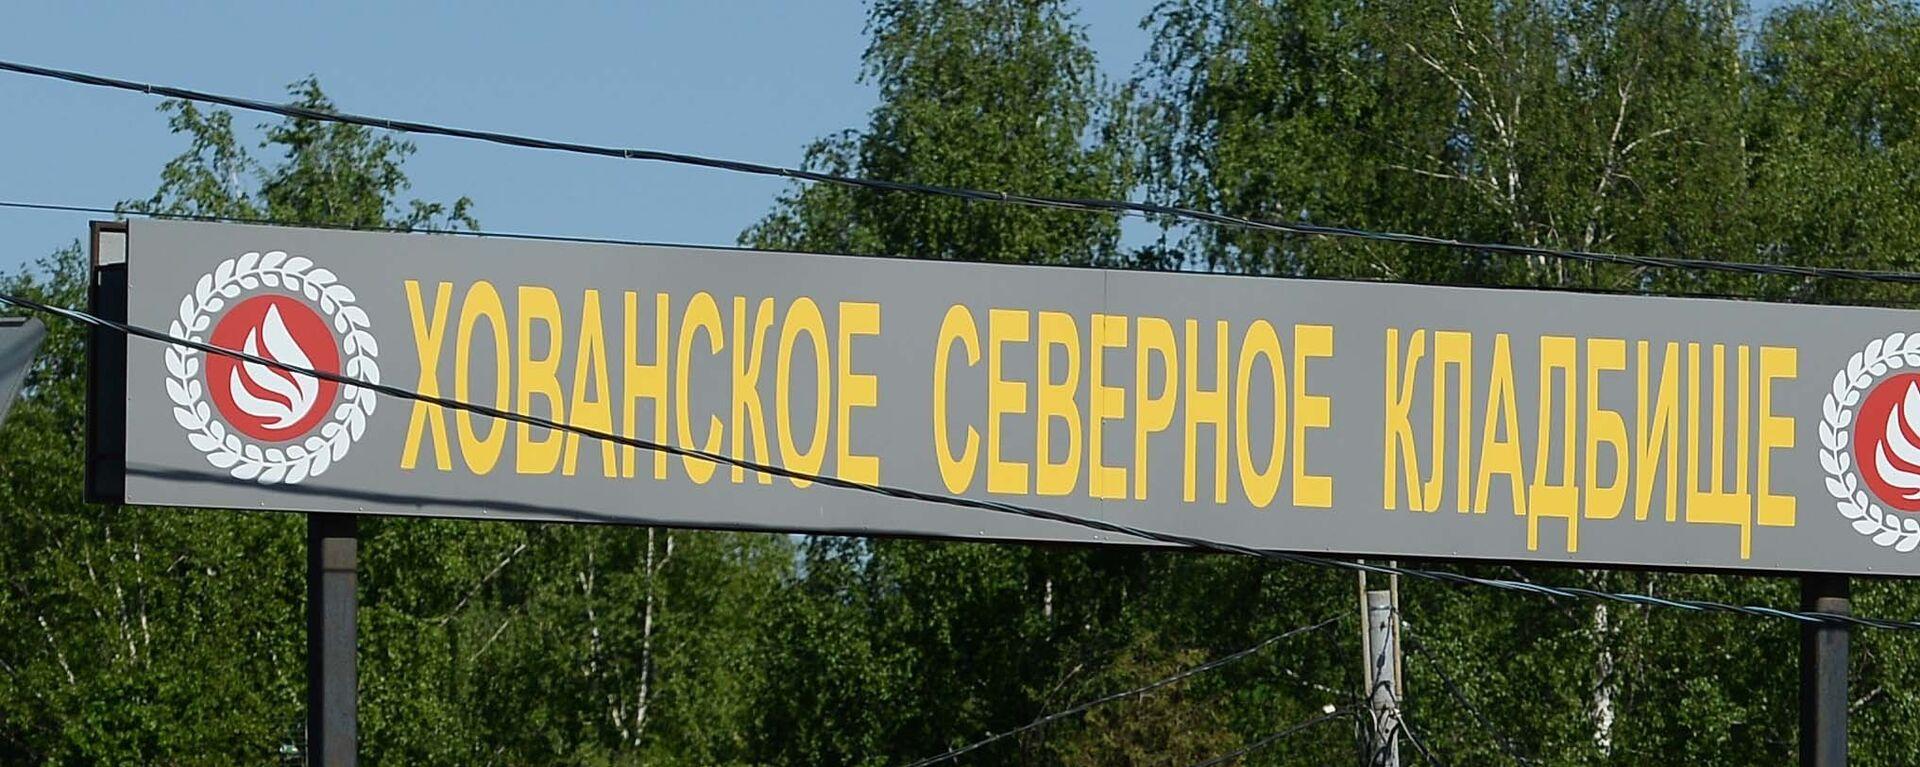 Хованское кладбище в Москве, архивное фото - Sputnik Таджикистан, 1920, 18.03.2020